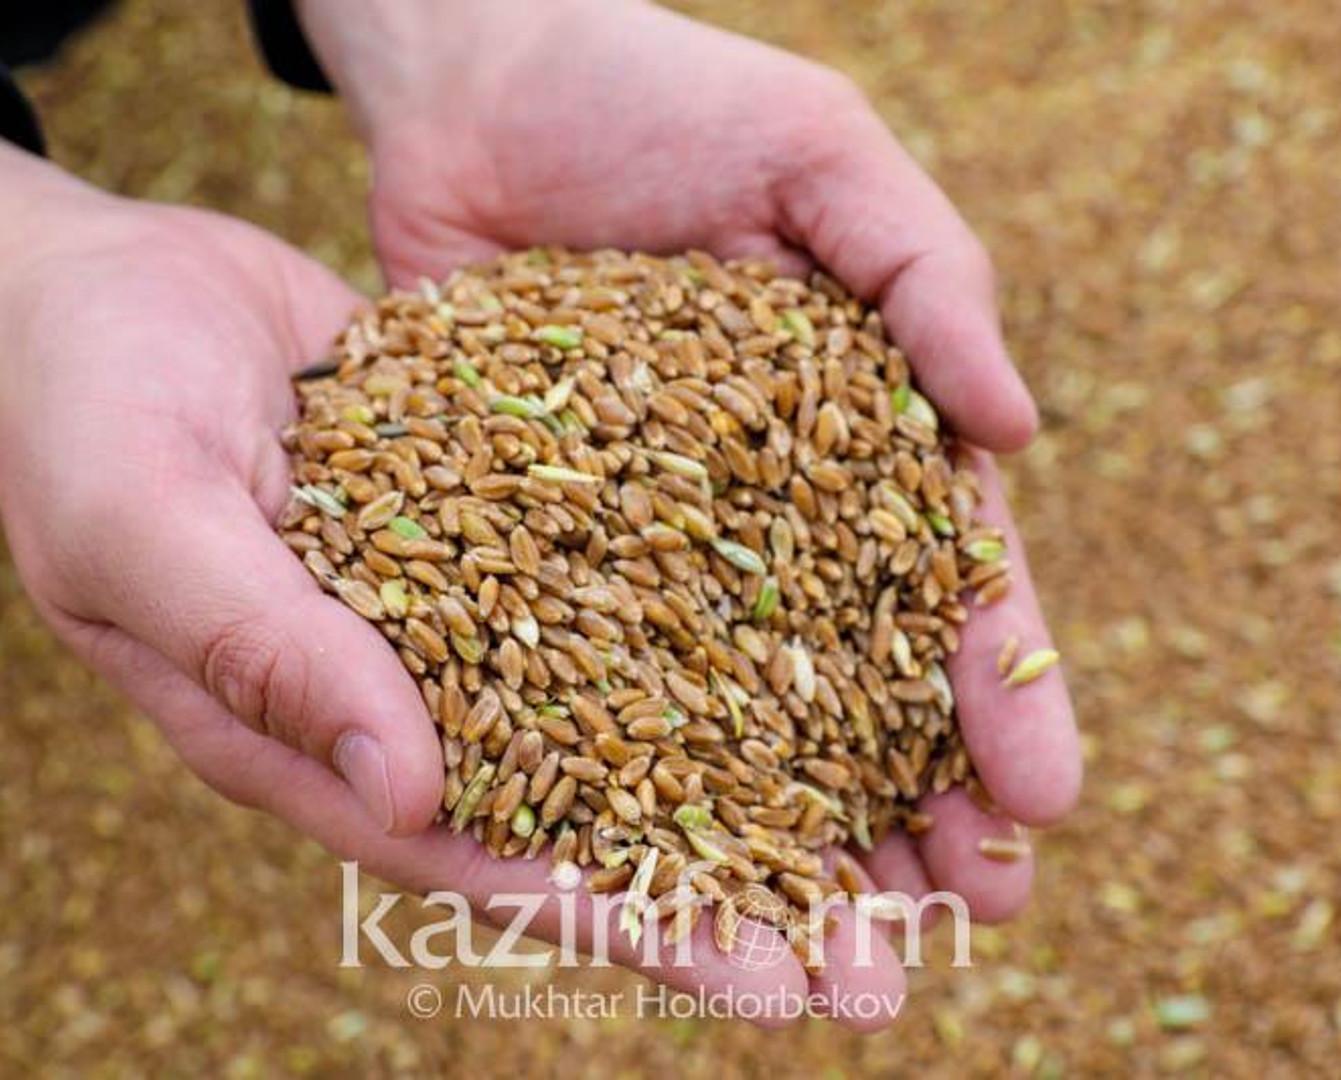 21,7 млн тонн зерна намолочено в Казахстане